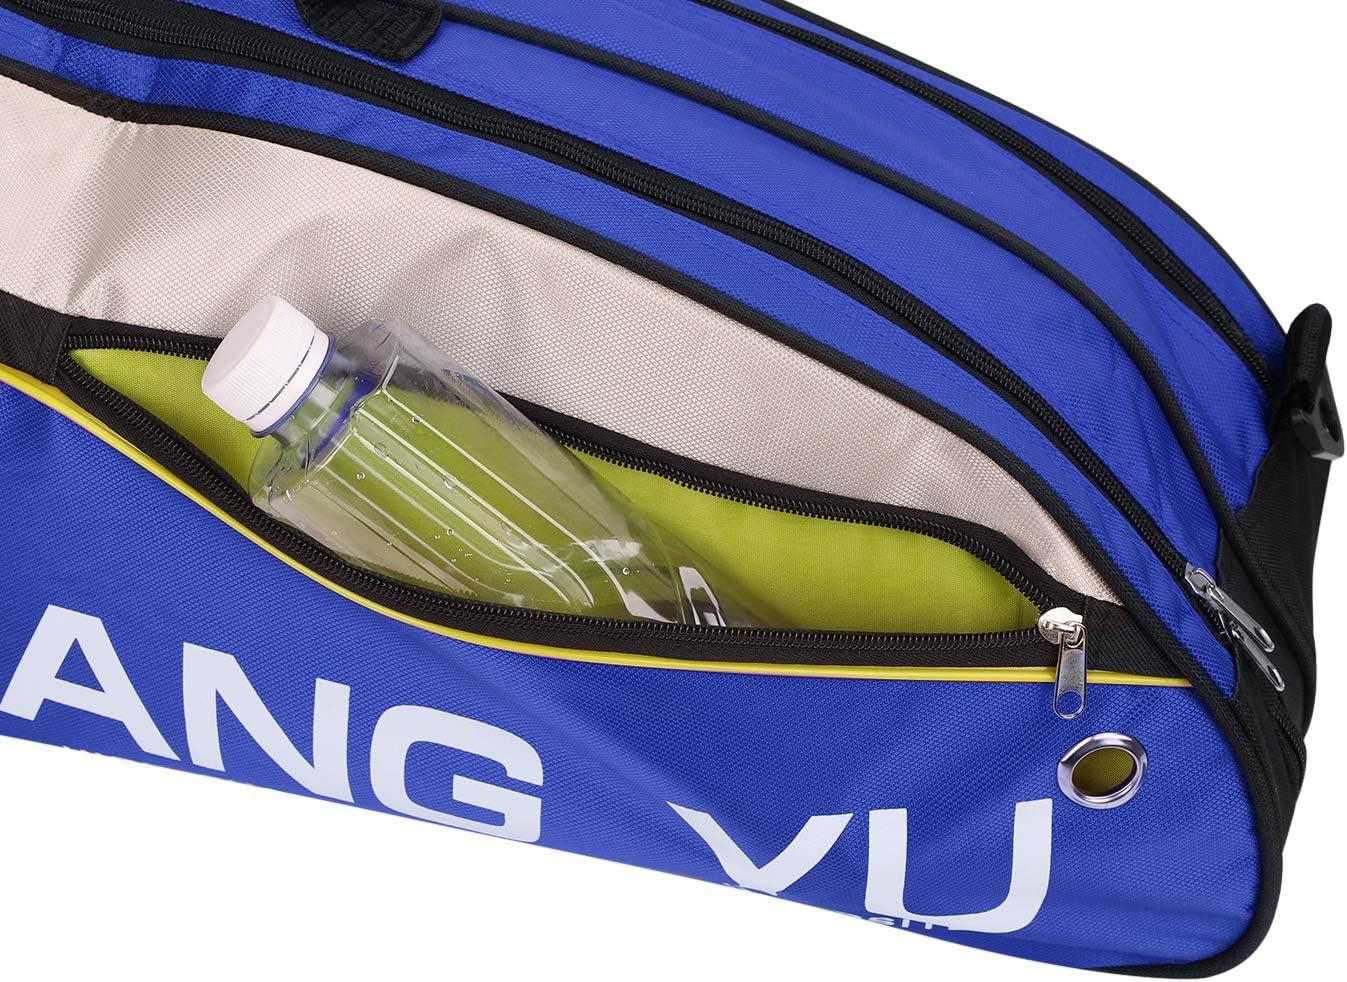 Universelle Badminton Schl/ägertasche Schl/ägerh/ülle Schutzh/ülle Tragbar Wasserdicht Badmintontasche Rucksack Schutztasche Sports Racket Bag mit praktischem Tragriemen f/ür bis zu 6 Schl/äger